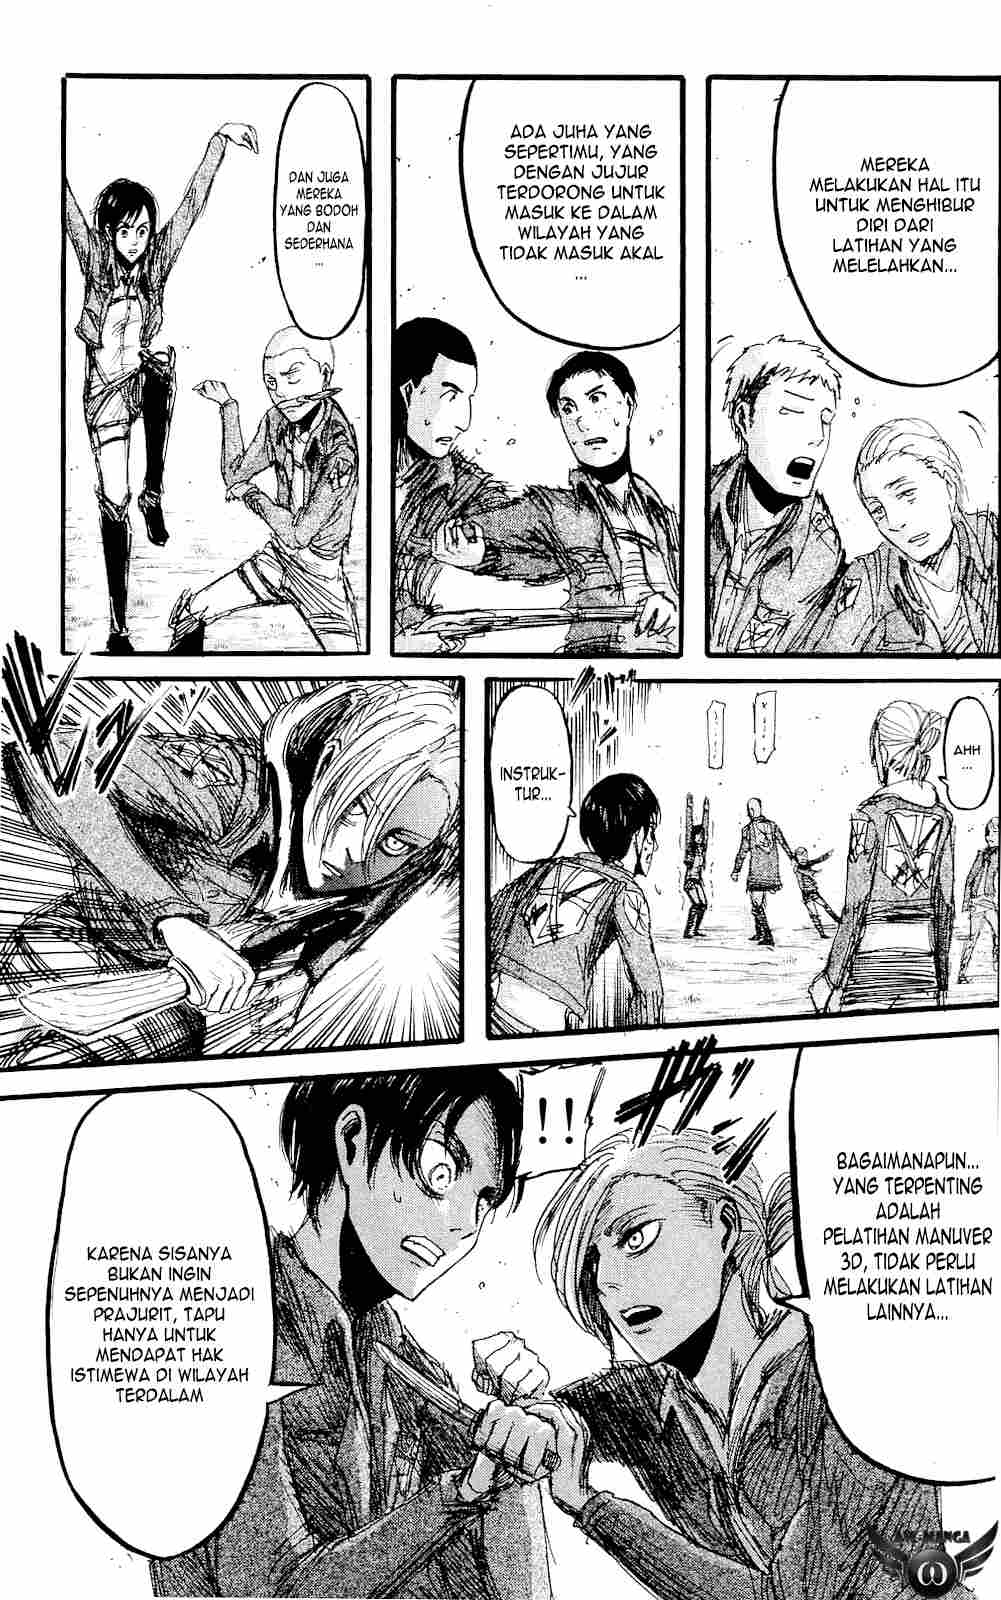 Komik shingeki no kyojin 017 - ilusi dari kekuatan 18 Indonesia shingeki no kyojin 017 - ilusi dari kekuatan Terbaru 19|Baca Manga Komik Indonesia|